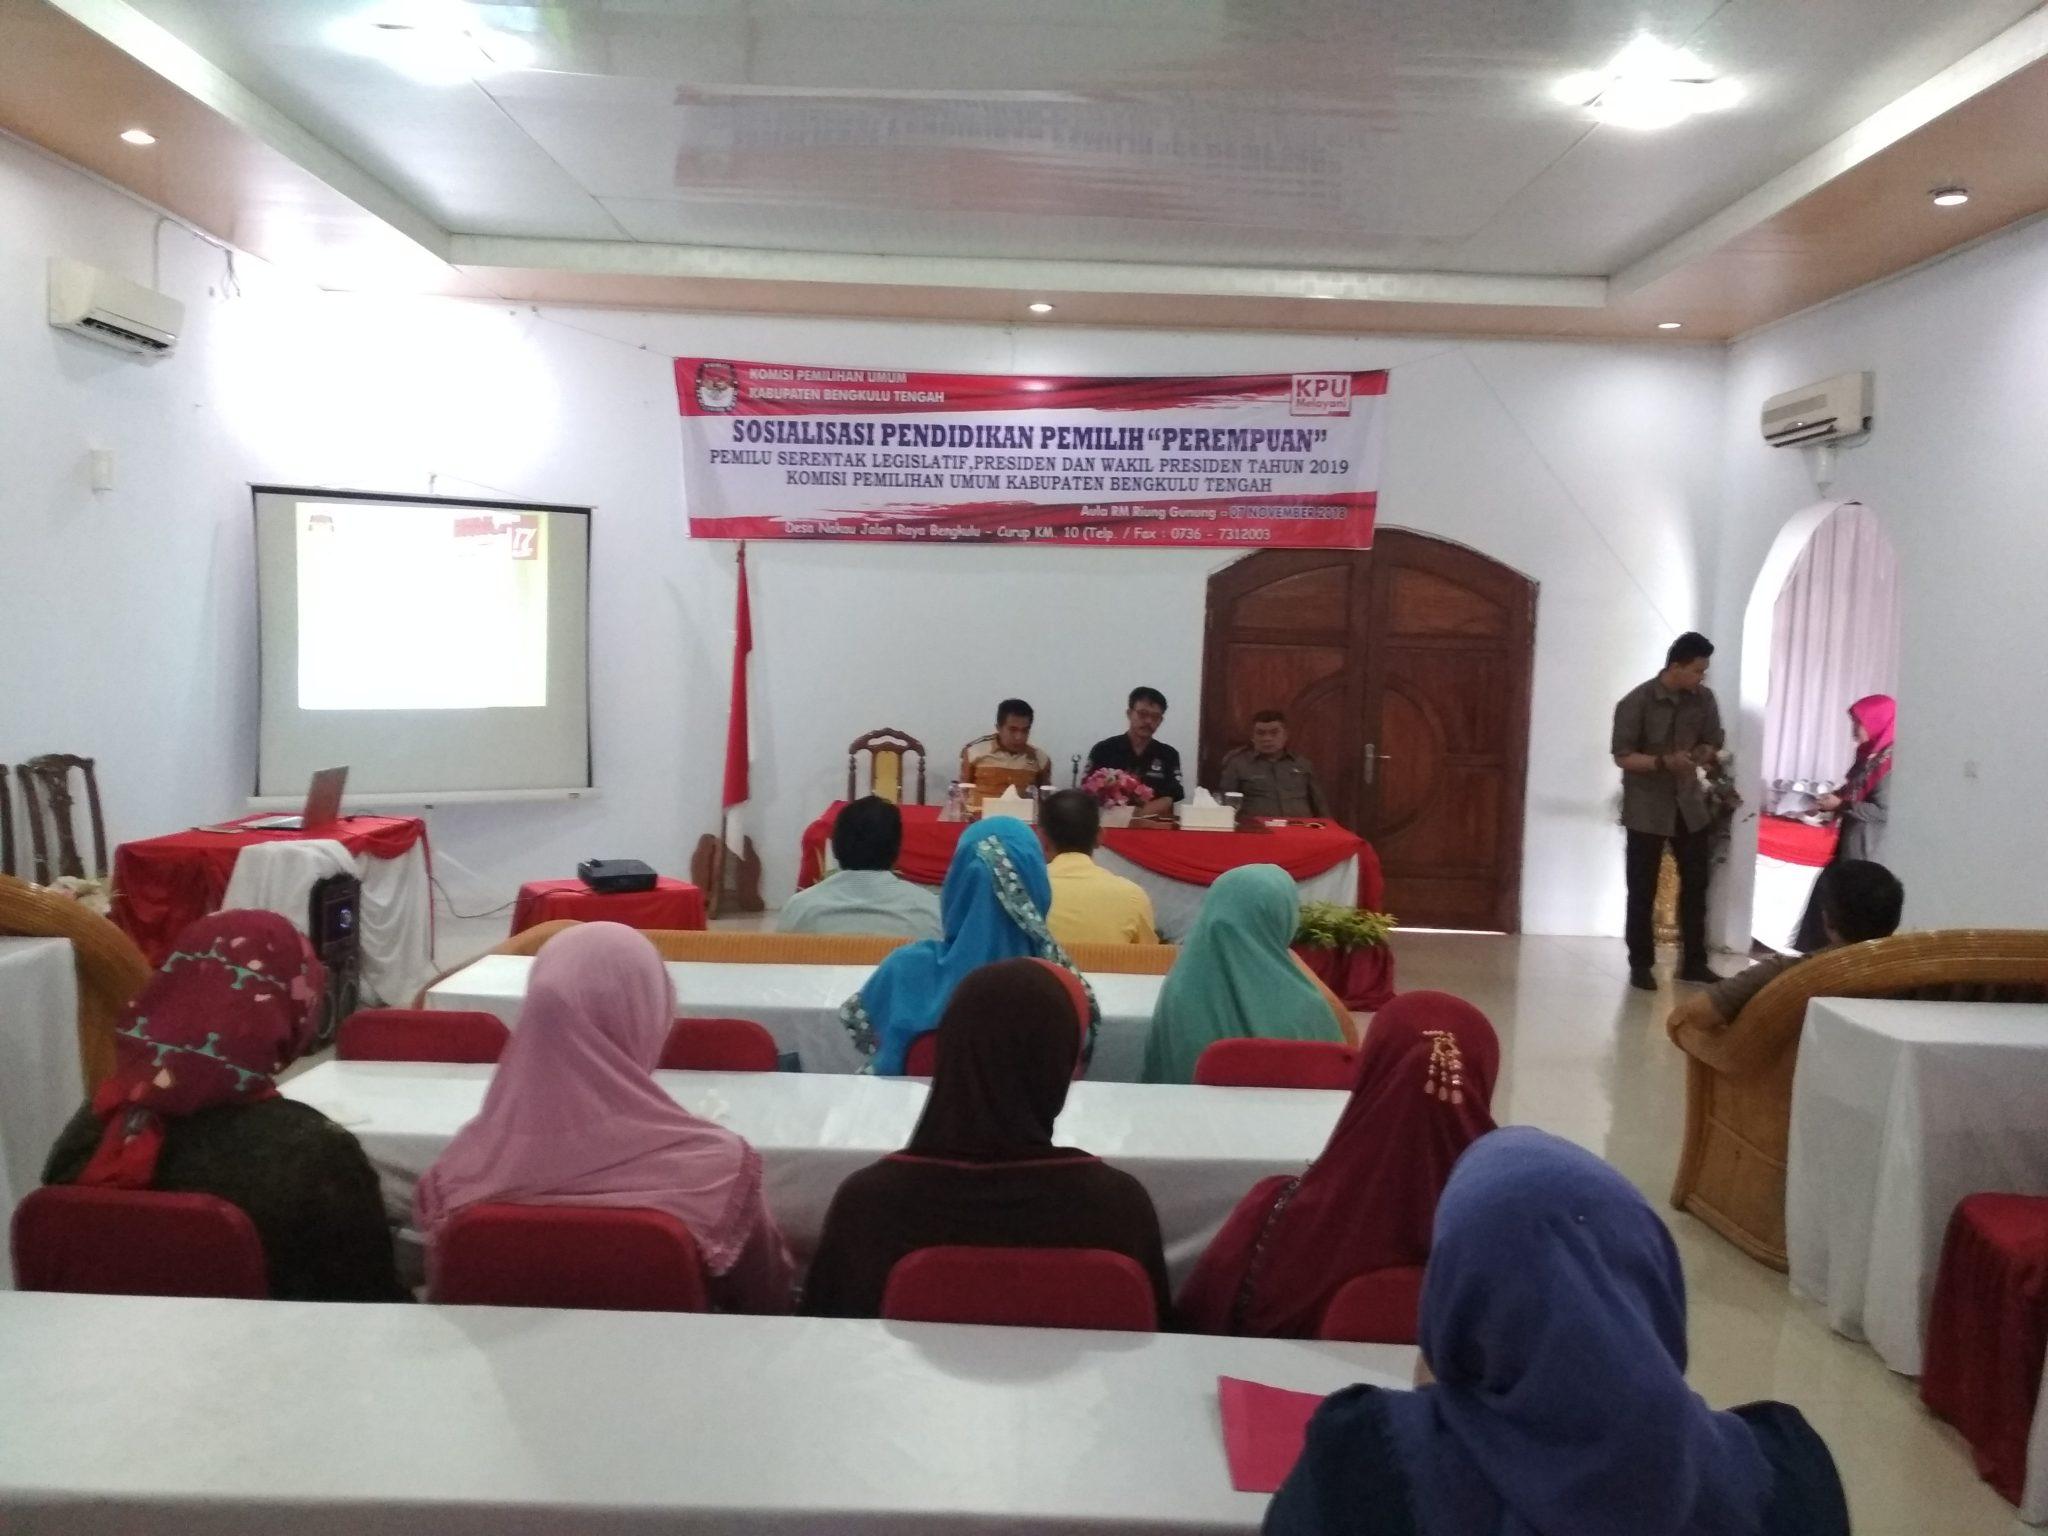 IMG 20181107 094444 Pentingnya Peran Perempuan, KPU Gelar Sosialisasi Pendidikan Perempuan Untuk Pemilu